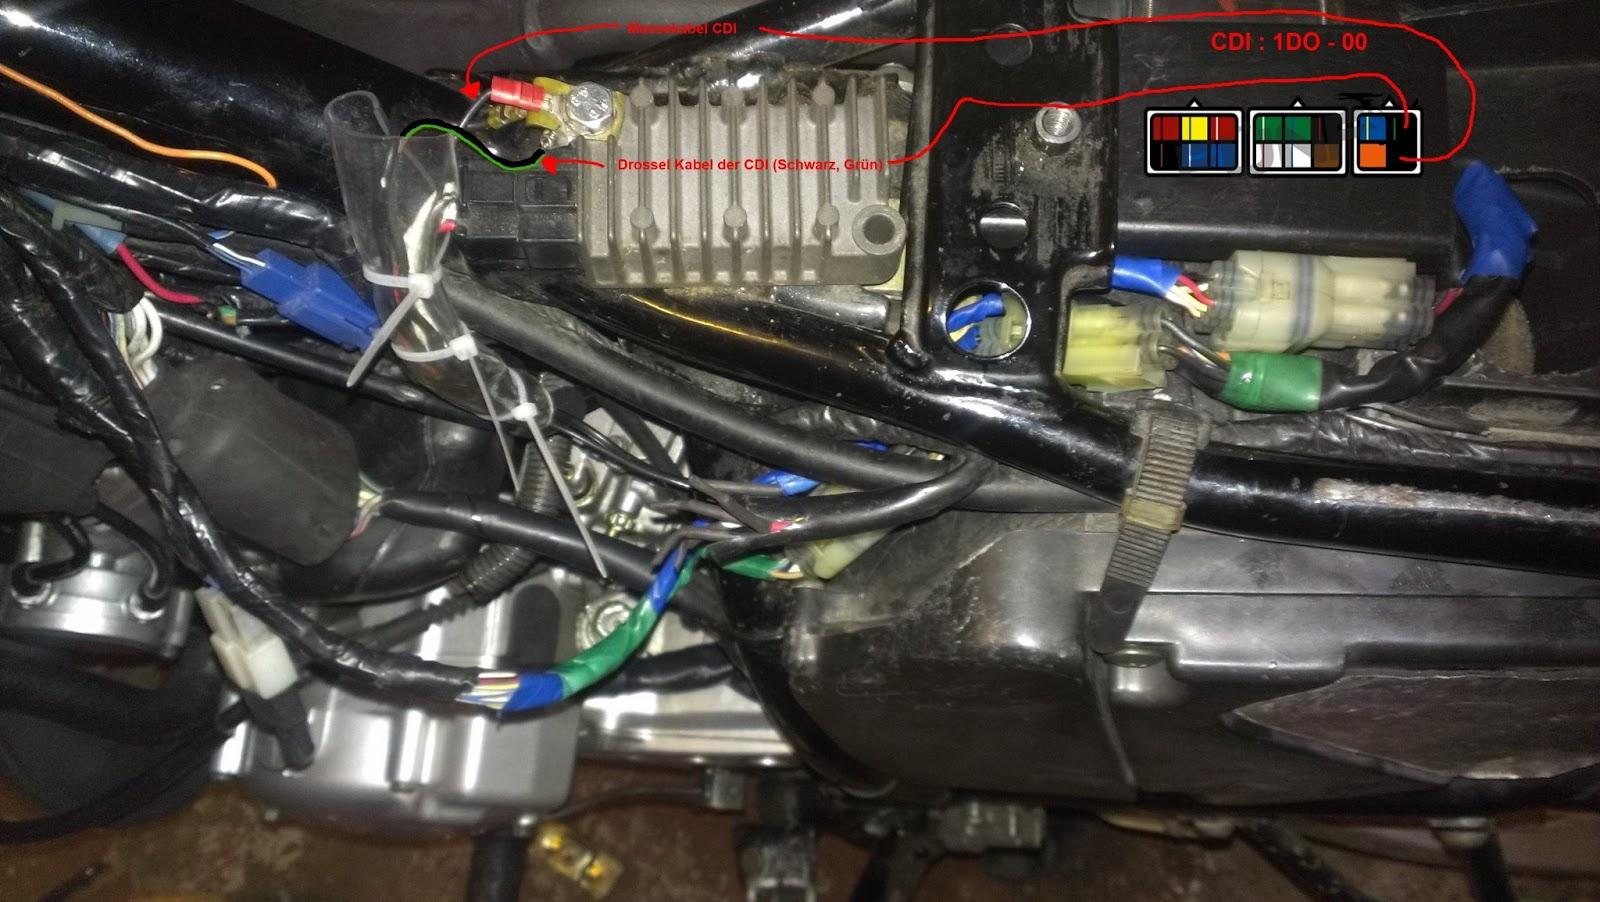 Gemütlich Yamaha Cdi Schaltplan Bilder - Der Schaltplan - greigo.com